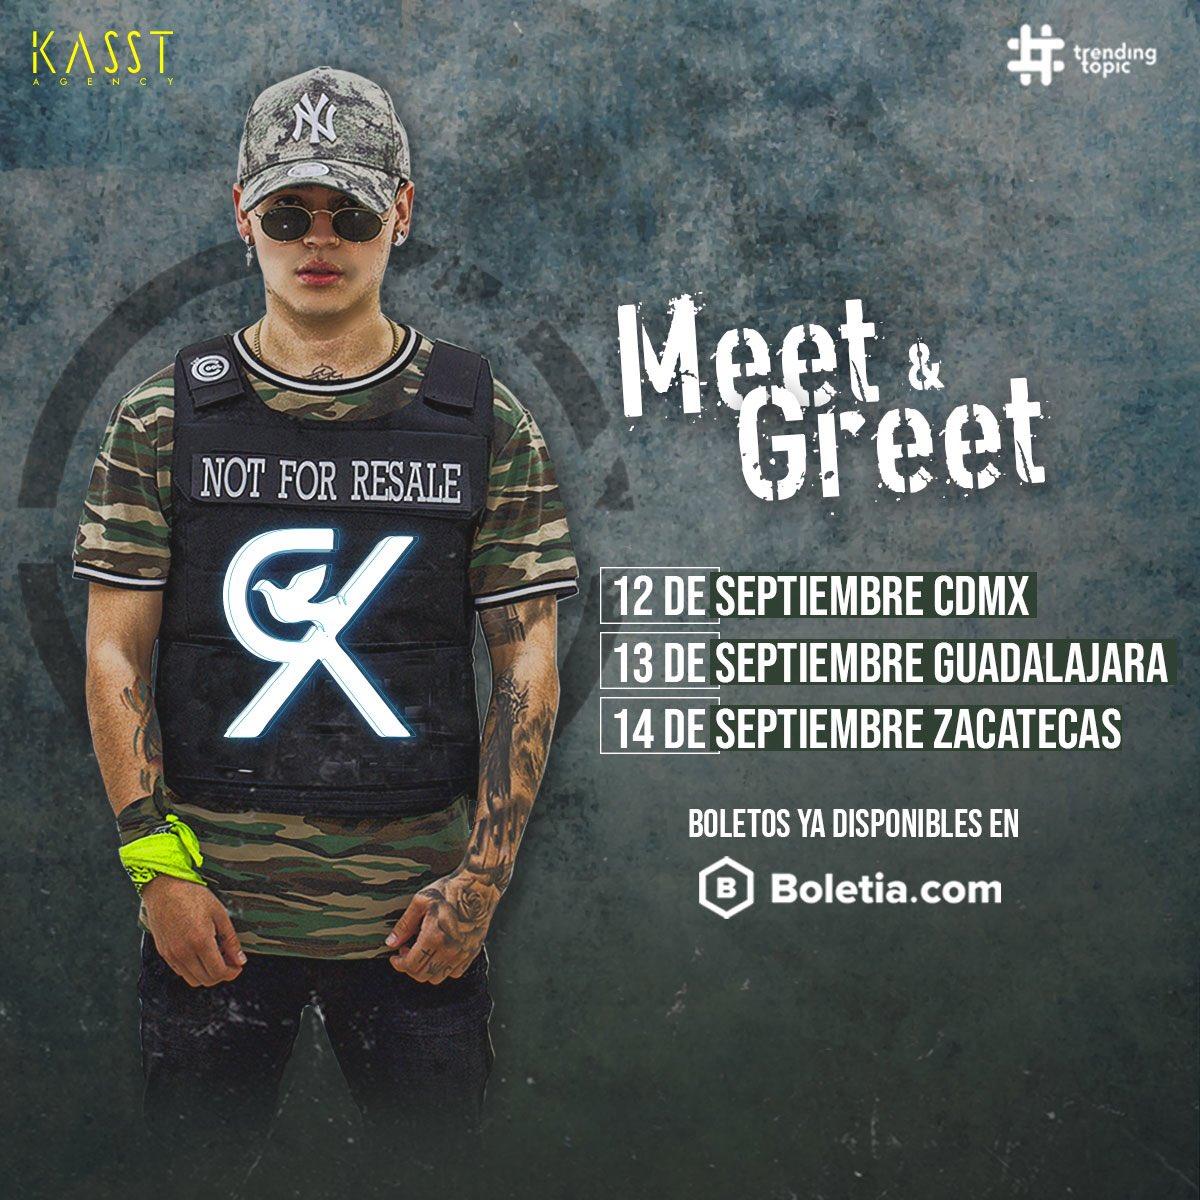 ¡Ya están disponibles las fechas de Meet & Greet con @RKARTISTA en México! 🇲🇽 Adquiere tus boletos a través de: https://t.co/lUOmCec3UF 💥🎟